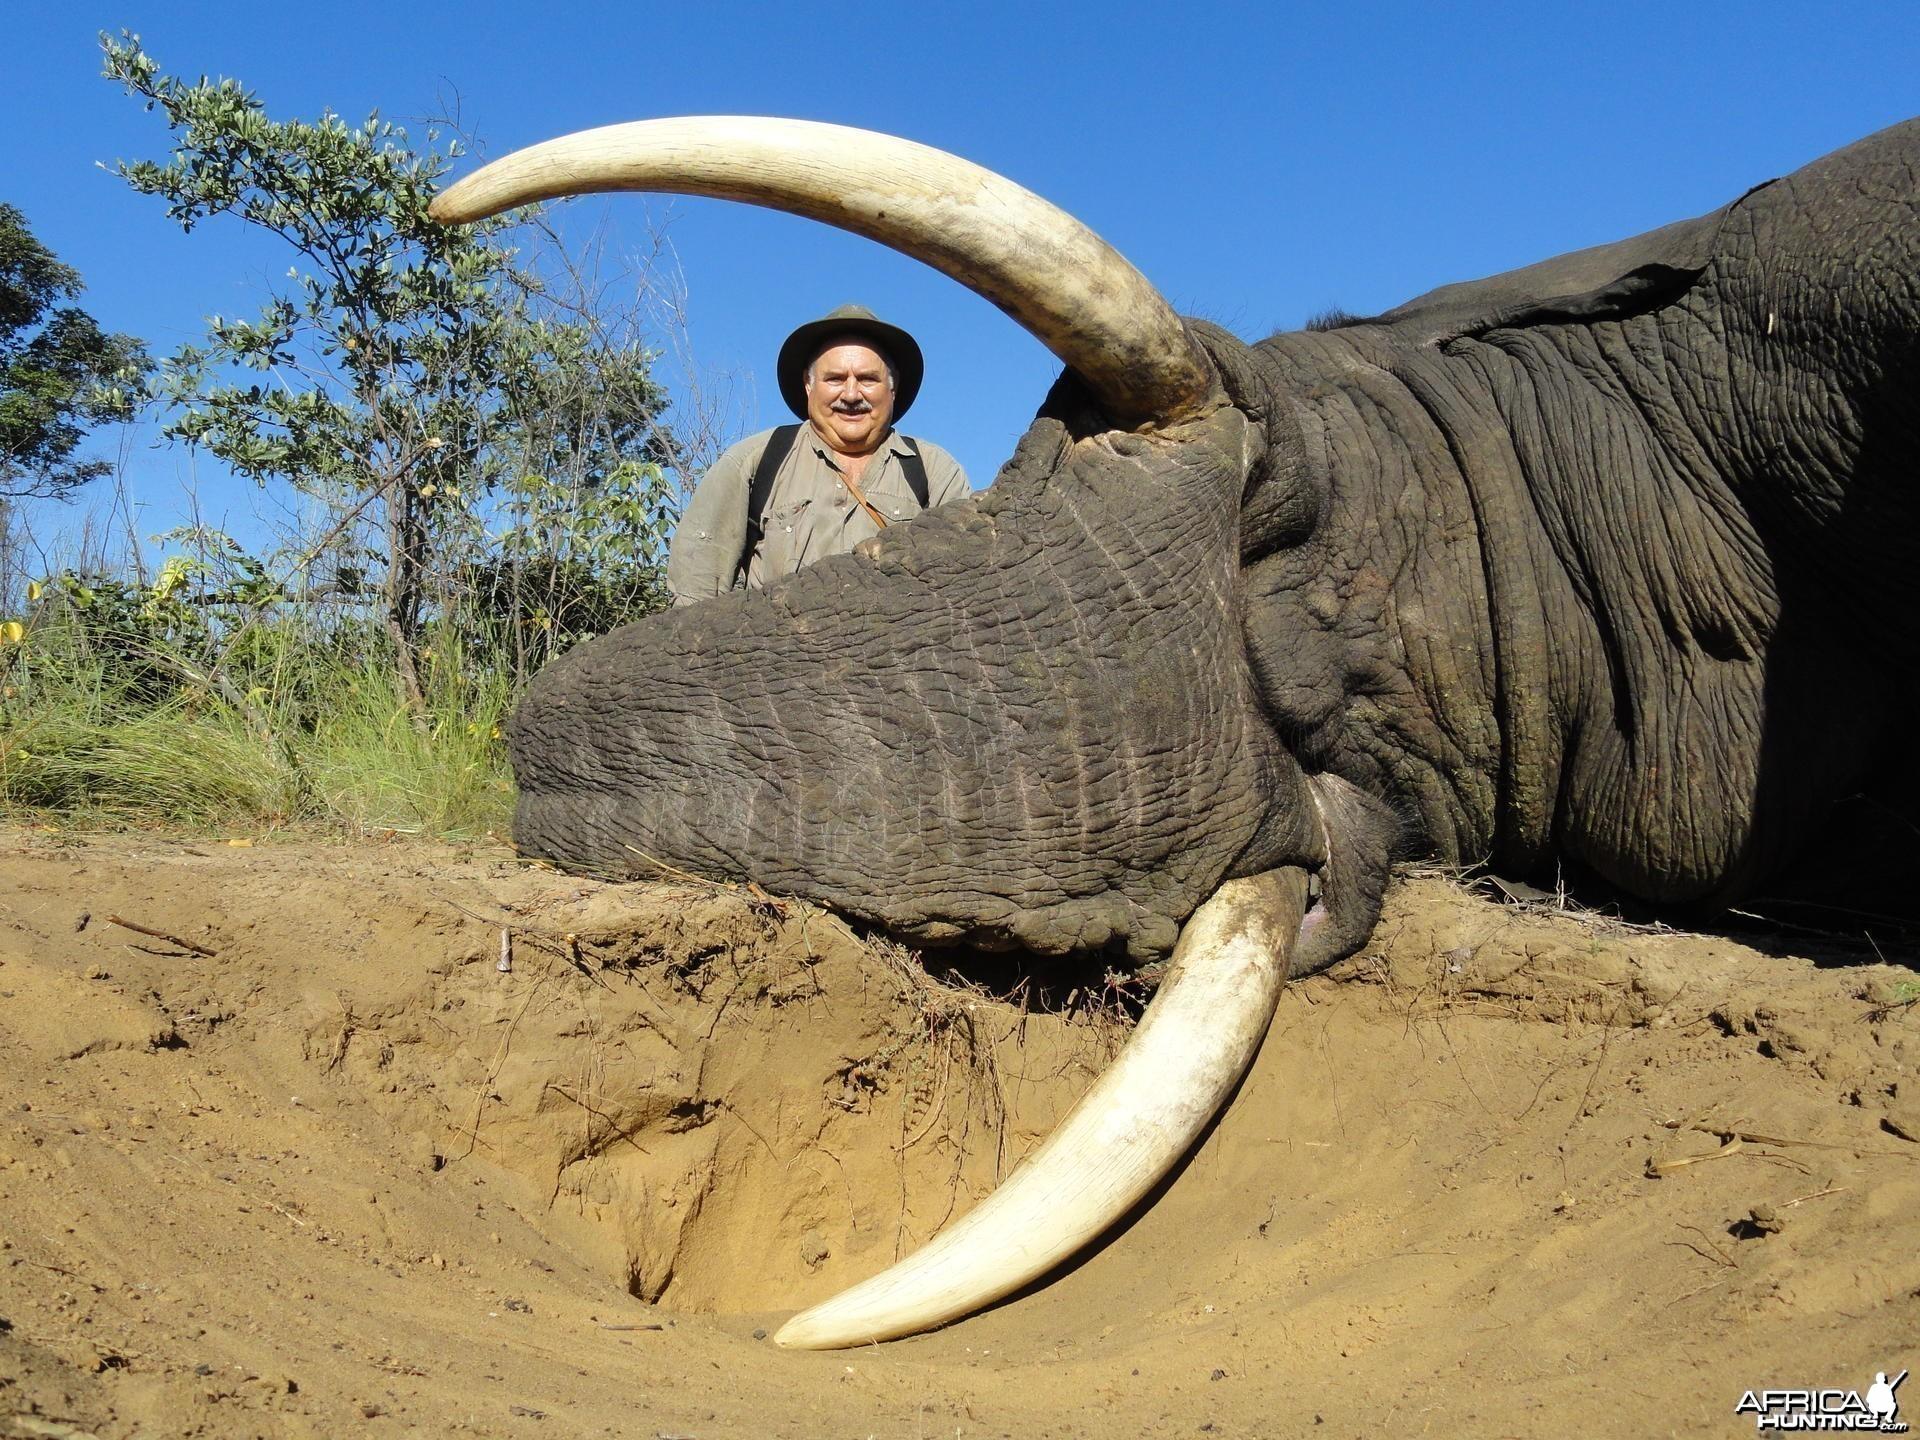 Elephant Zimbabwe